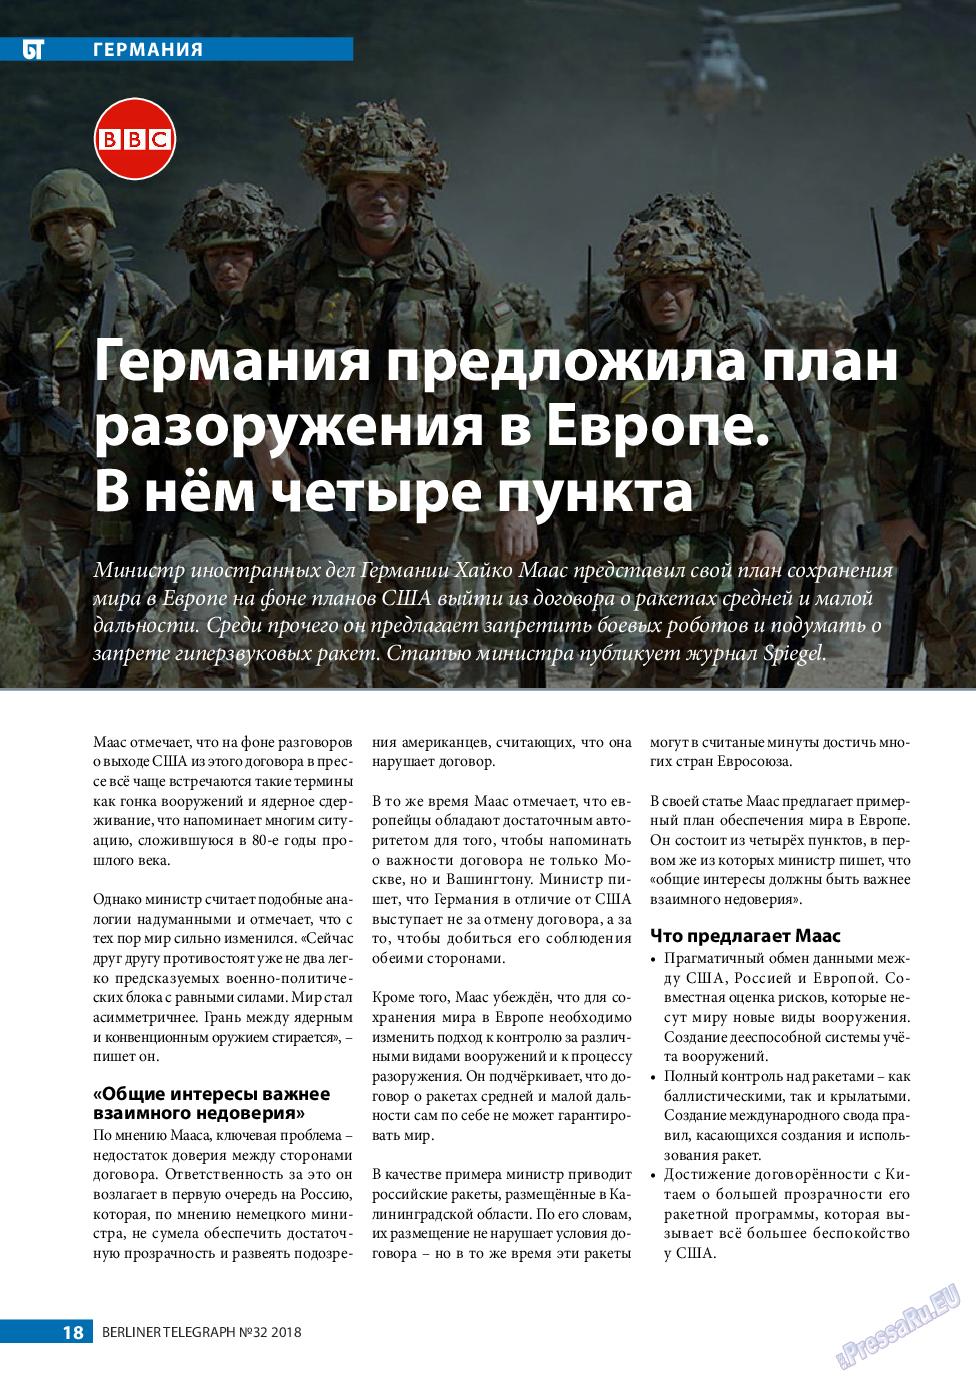 Берлинский телеграф (журнал). 2018 год, номер 32, стр. 18